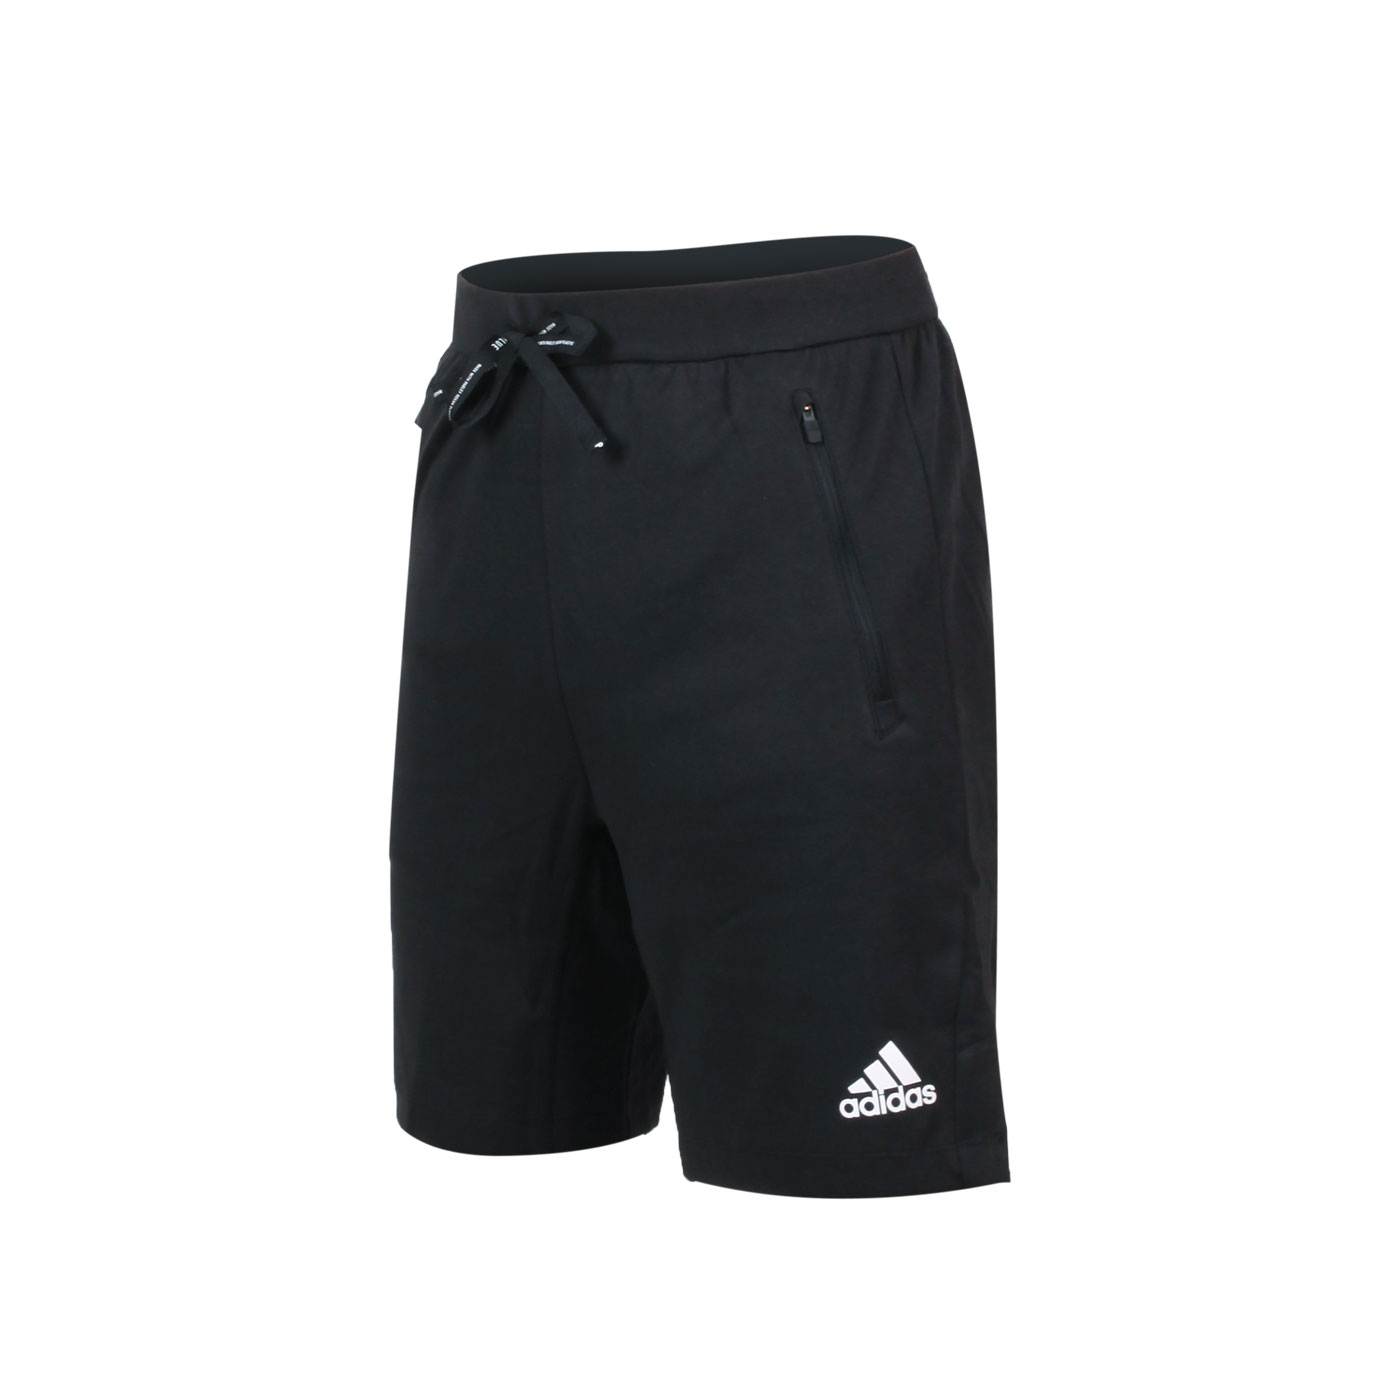 ADIDAS 男款運動短褲 GM0129 - 黑白